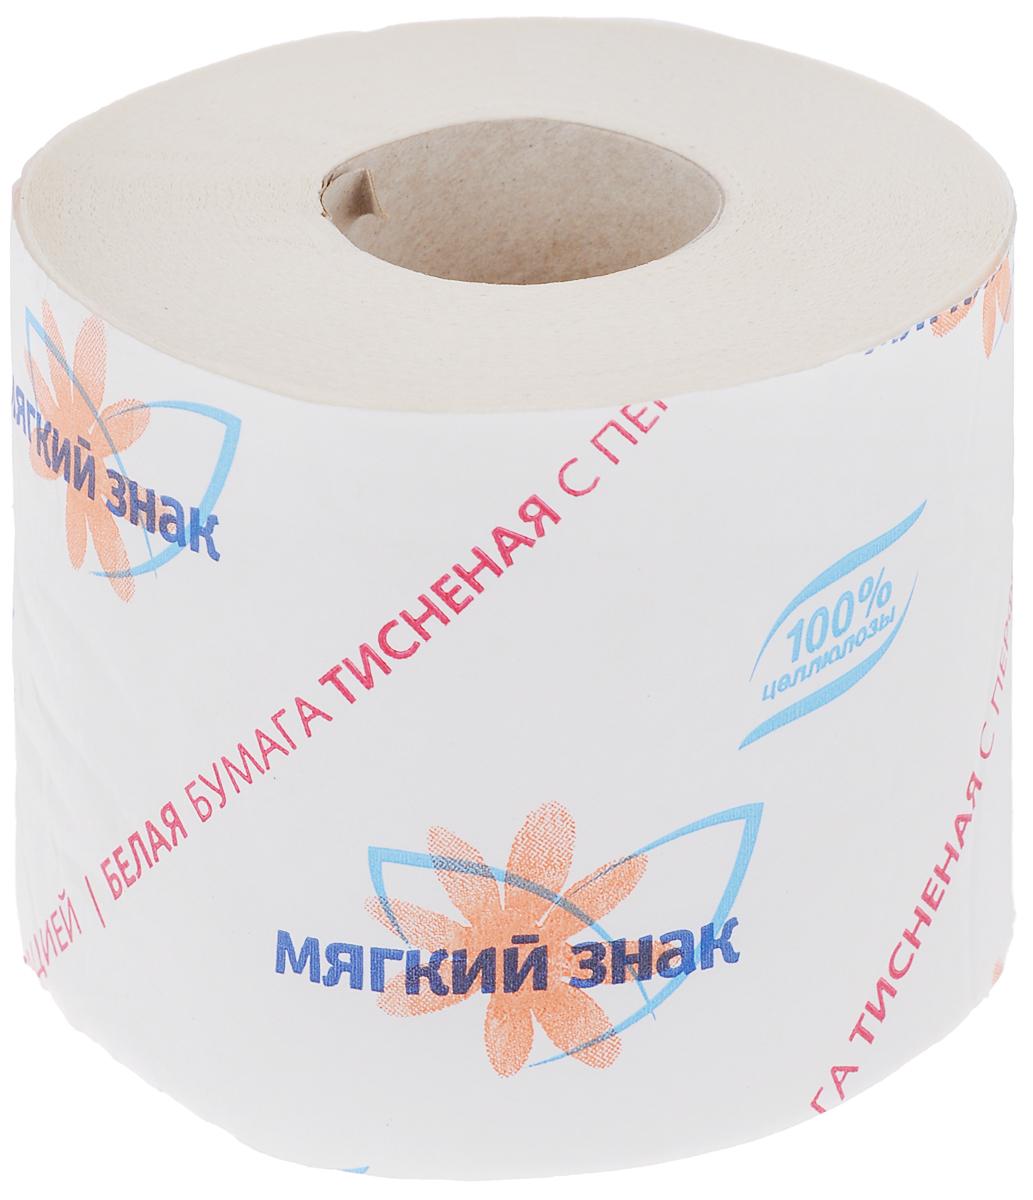 Бумага туалетная Мягкий знак, однослойная, цвет: белый, 52,5 мC28Туалетная бумага Мягкий знак изготовлена из целлюлозы белого цвета с тиснением. Однослойная туалетная бумага мягкая, нежная, но в тоже время прочная, с отрывом по линии перфорации. Состав: 100% целлюлоза. Количество слоев: 1.Размер листа: 12,5 см х 9 см.Длина рулона: 52,5 ± 2,6 м.